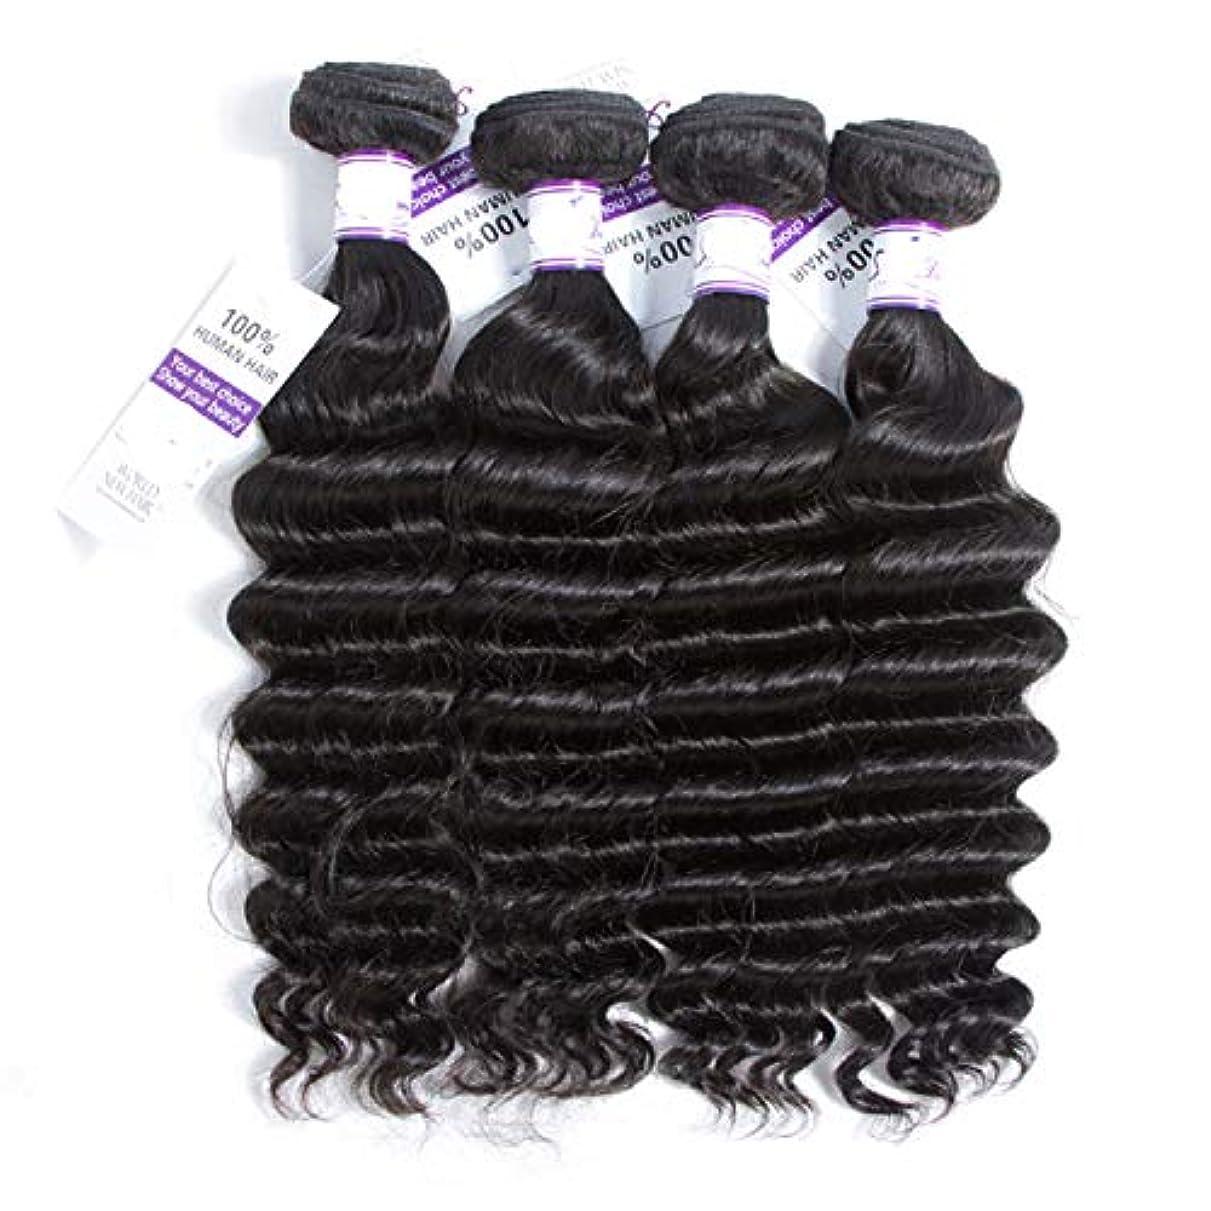 ネット実施する検出するかつら ブラジルルースウェーブヘアー人間の髪の毛の束非レミーの毛延長ナチュラルブラック4個 (Length : 12 14 16 18)